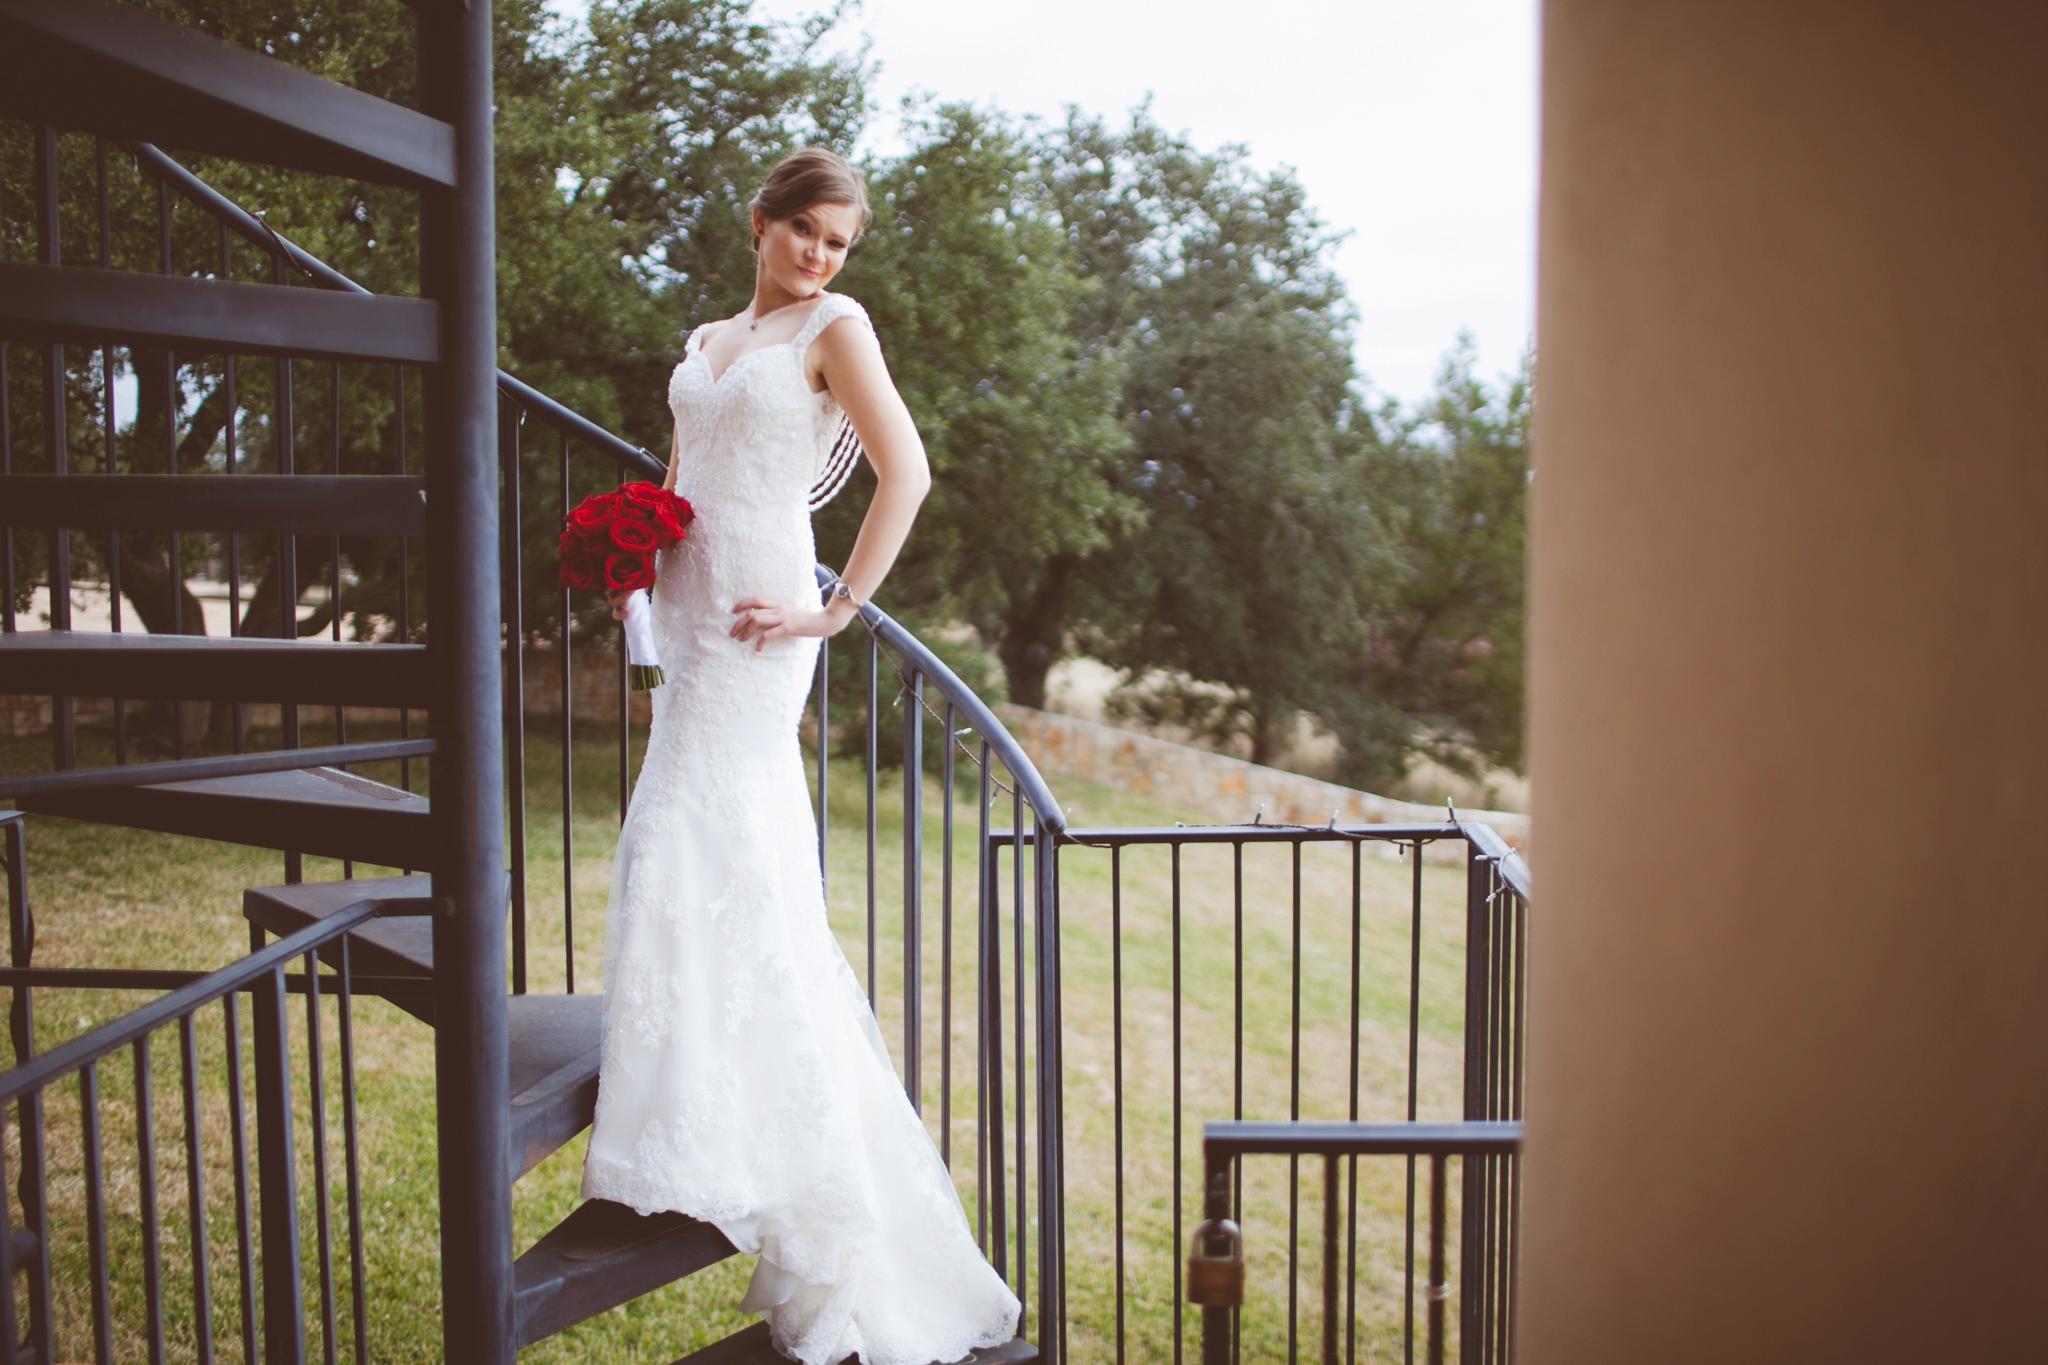 Salt-Lick-Austin-Wedding-Photographer-017.jpg